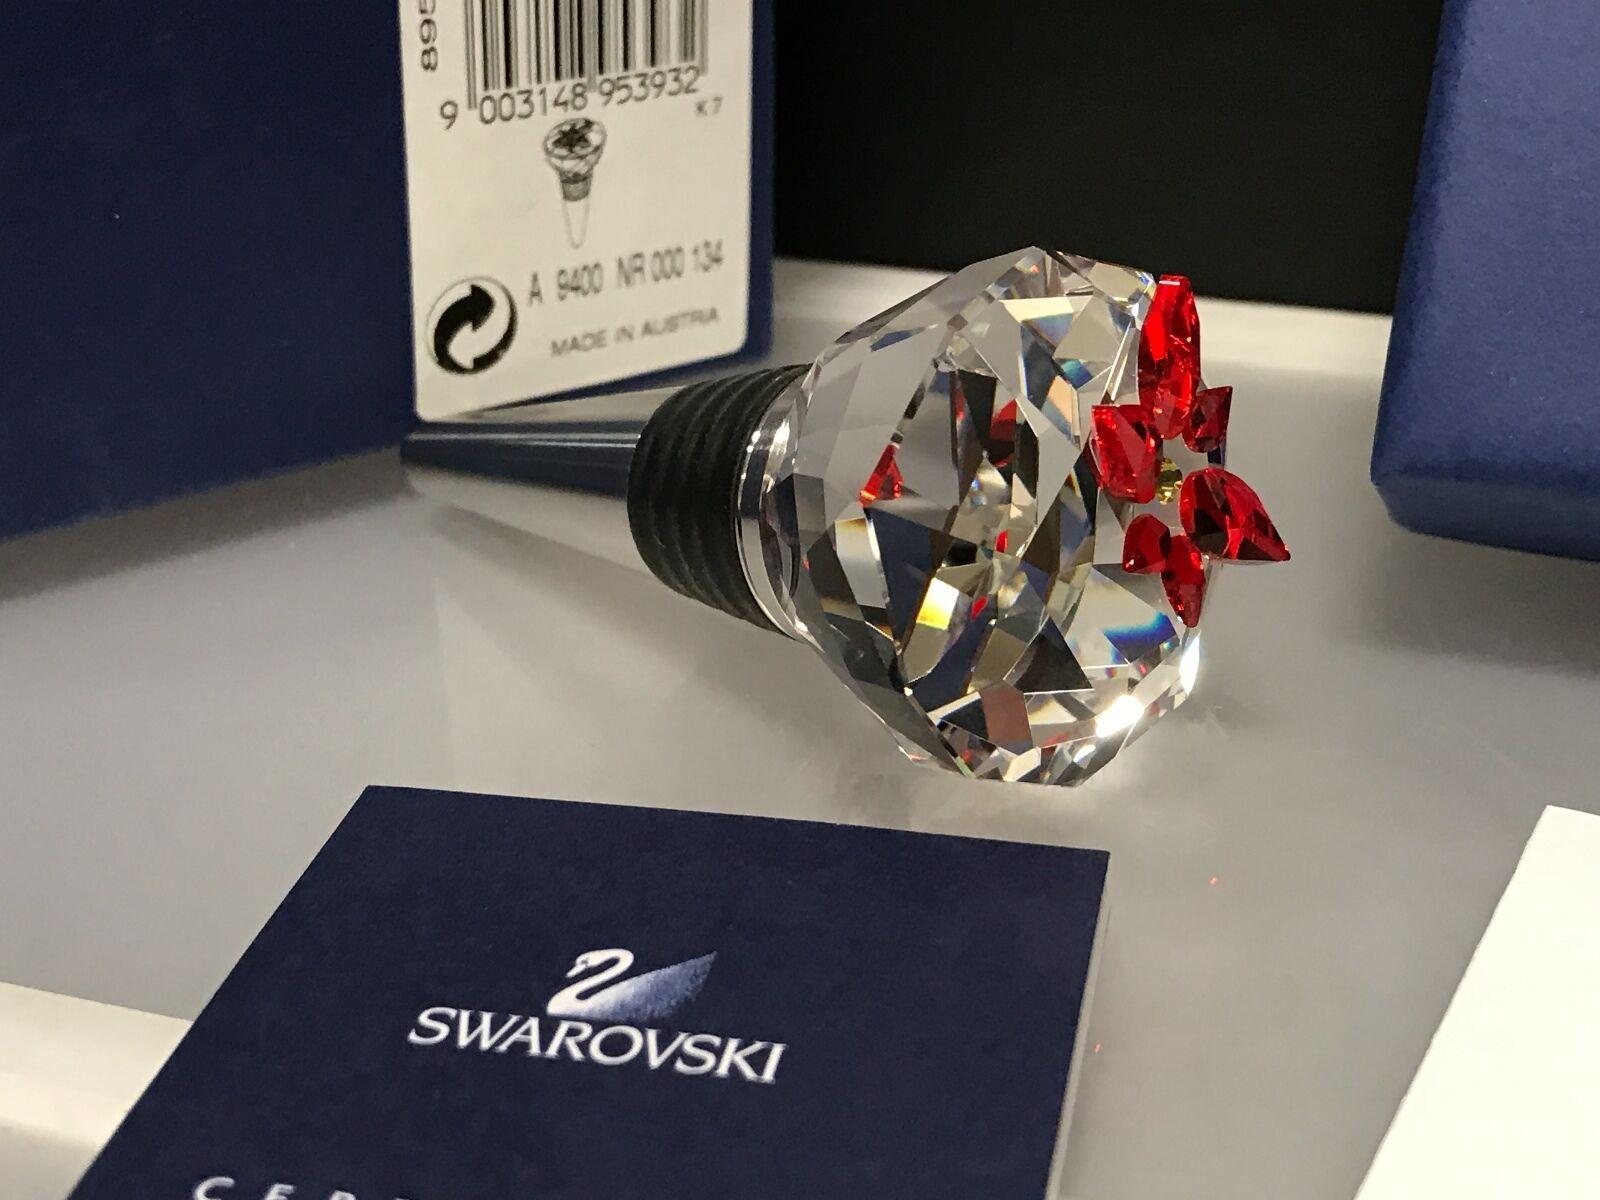 Swarovski Figur Flaschenverschluss   Christstern. Mit Ovp & Zertifikat.